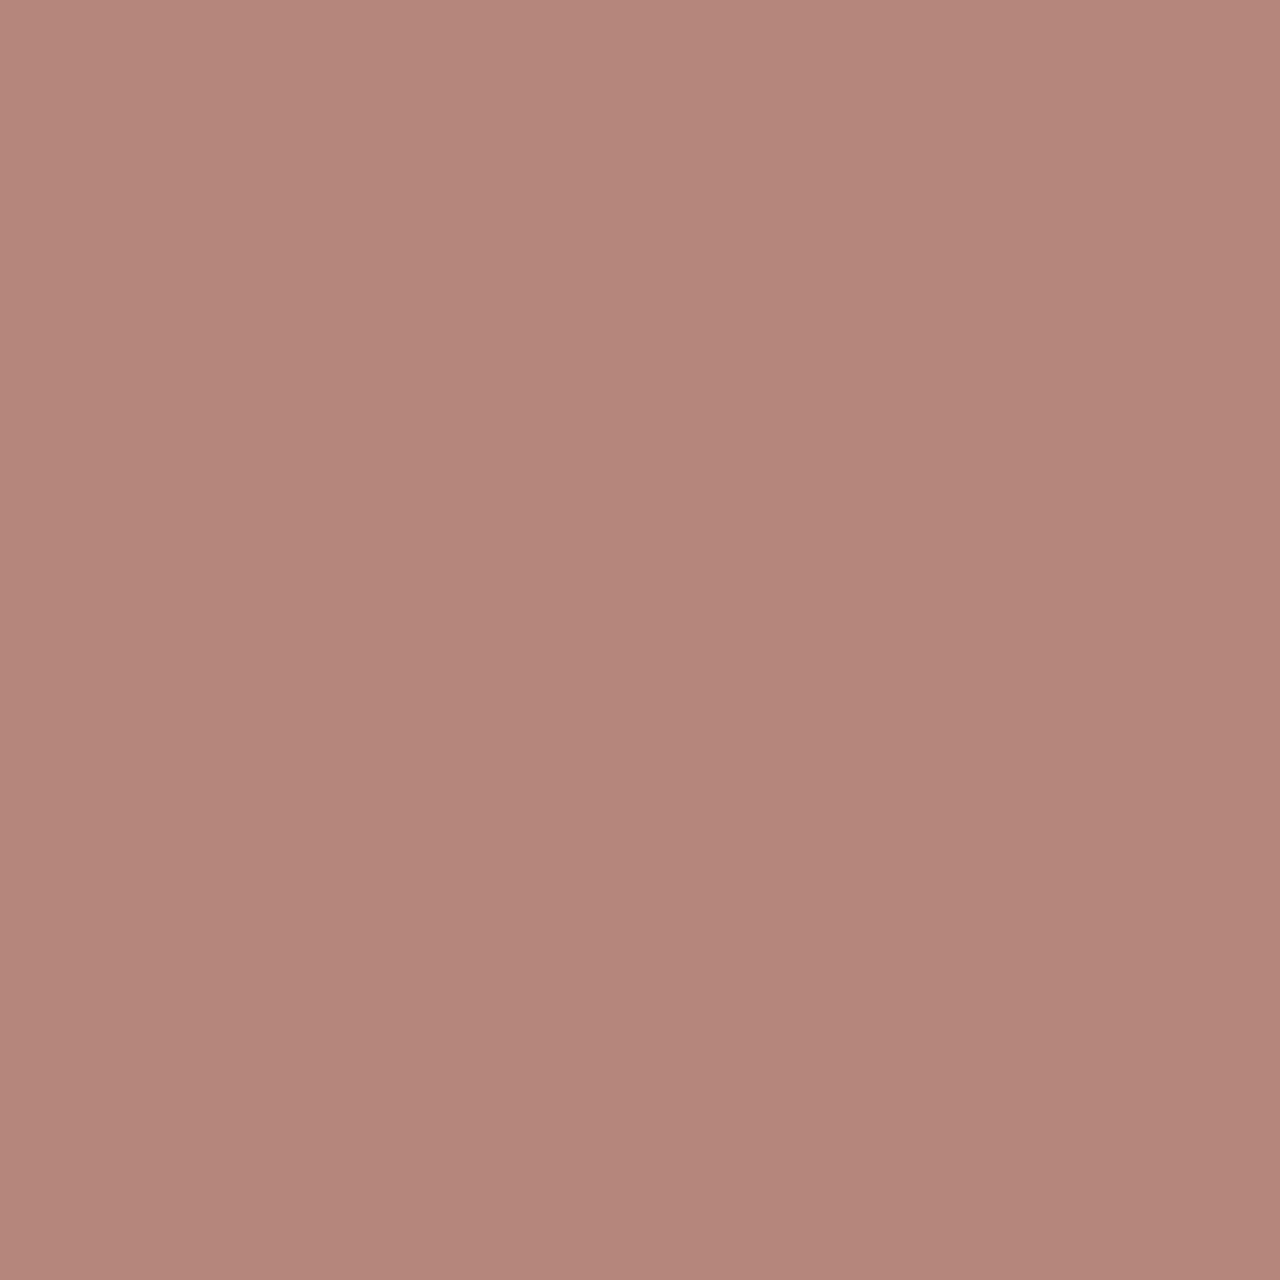 9186 Exclusiv